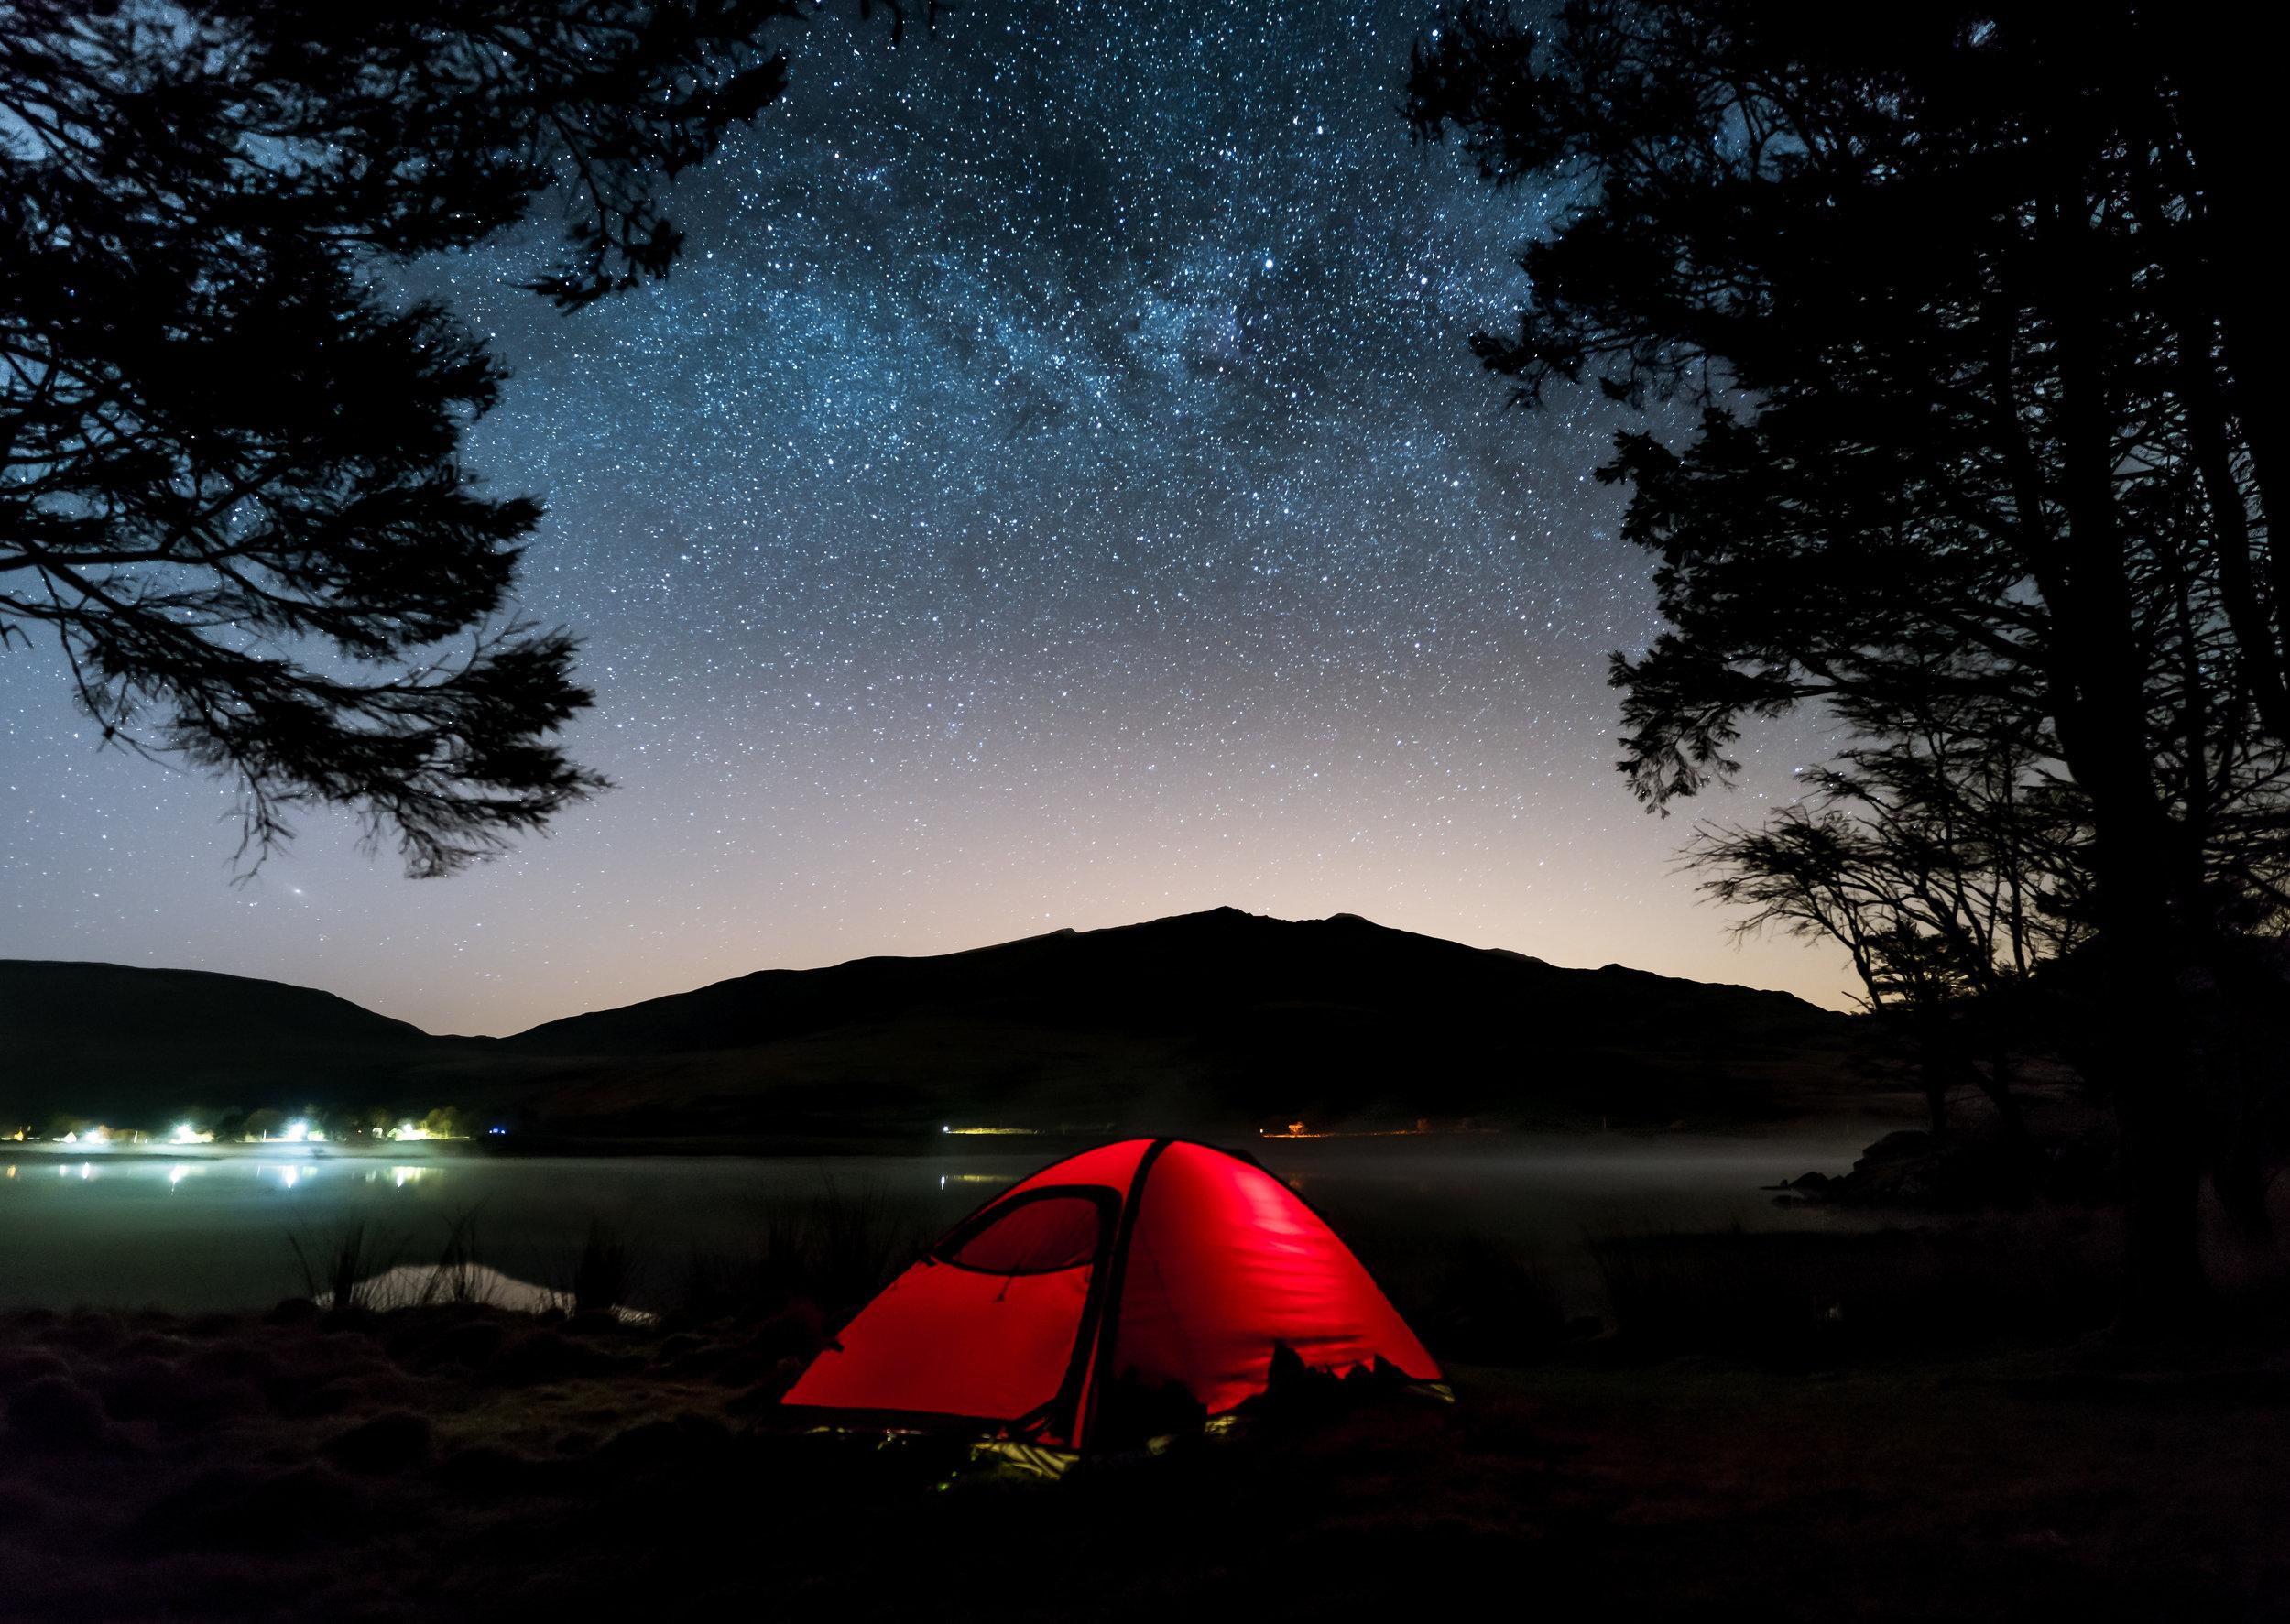 THE NIGHT SKY -